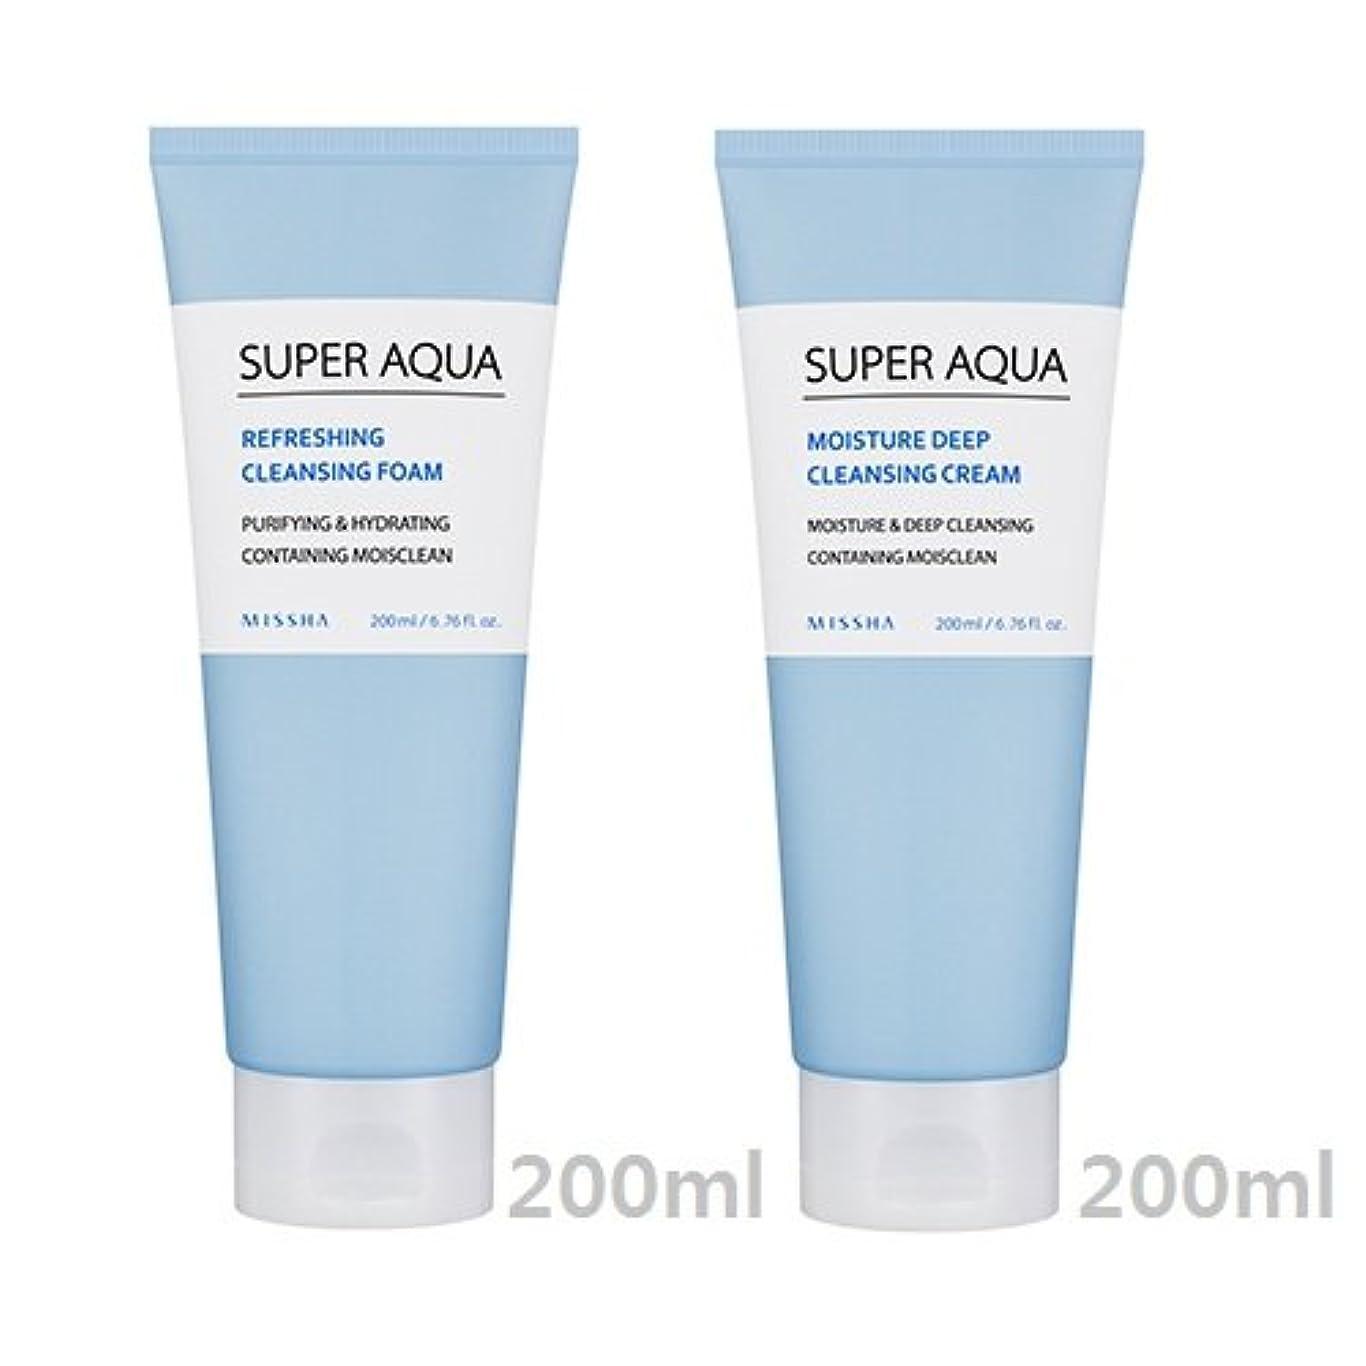 部屋を掃除するベース引き付ける[1+1] MISSHA Super Aqua Cleansing Cream + Foam/ミシャ スーパー アクア クレンジング クリーム + フォーム [並行輸入品]